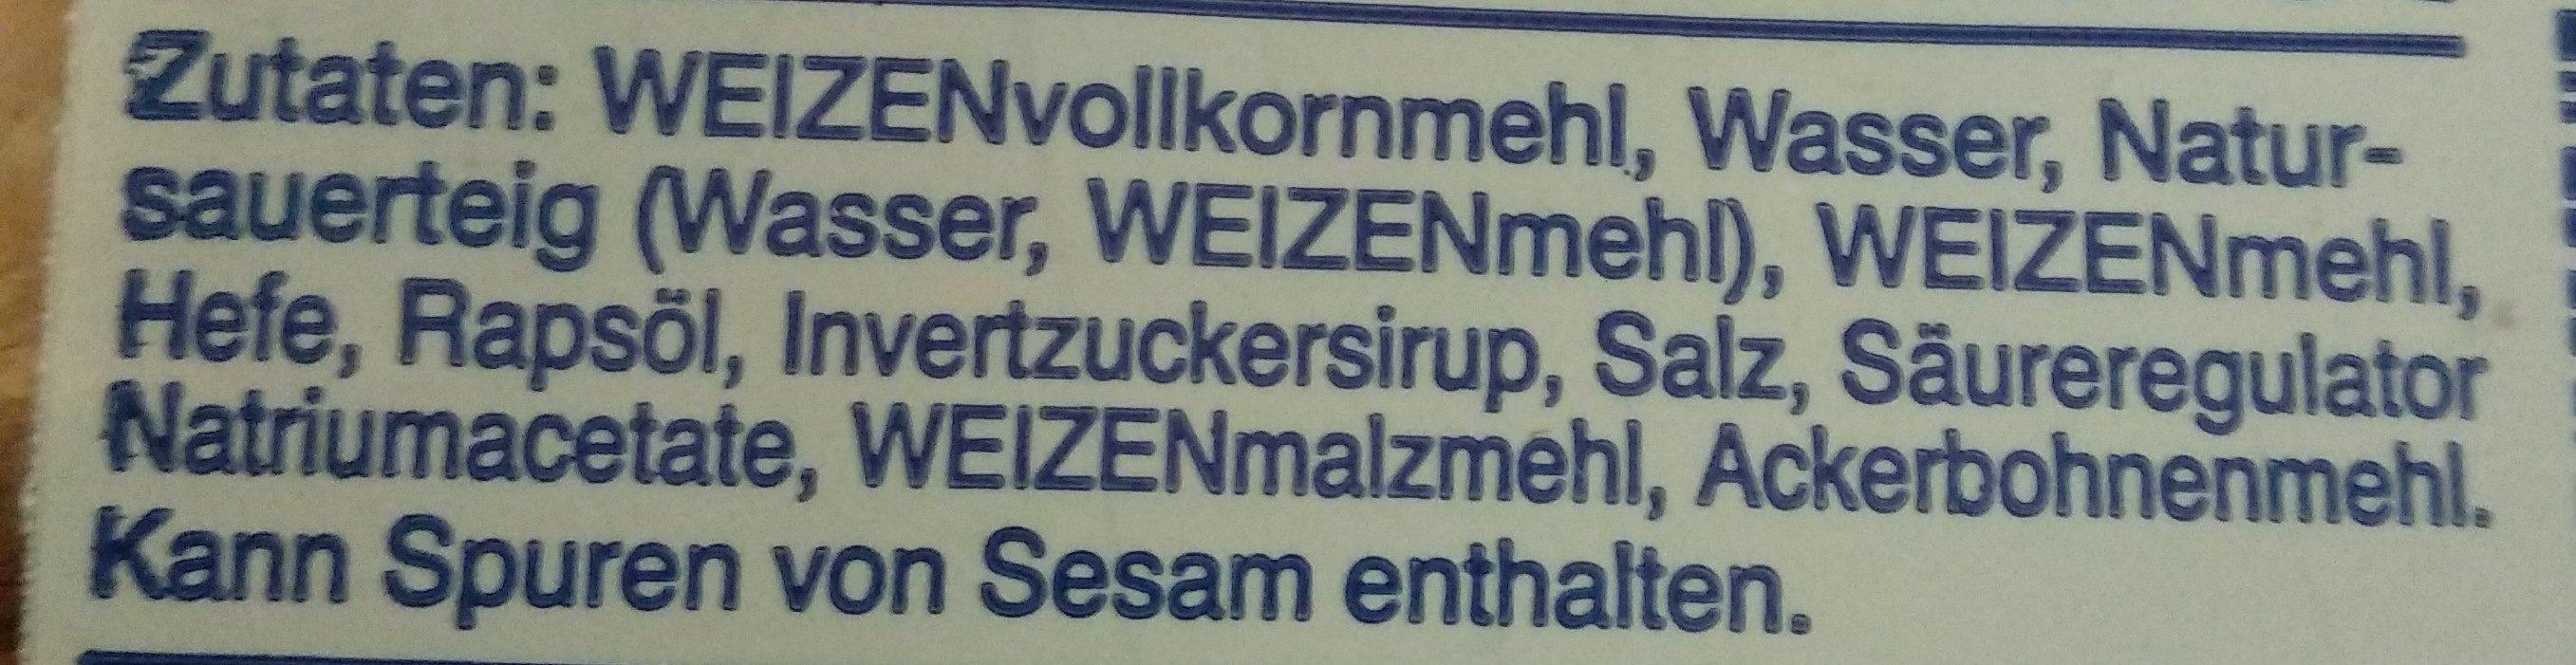 Vollkorn Sandwich - Ingredients